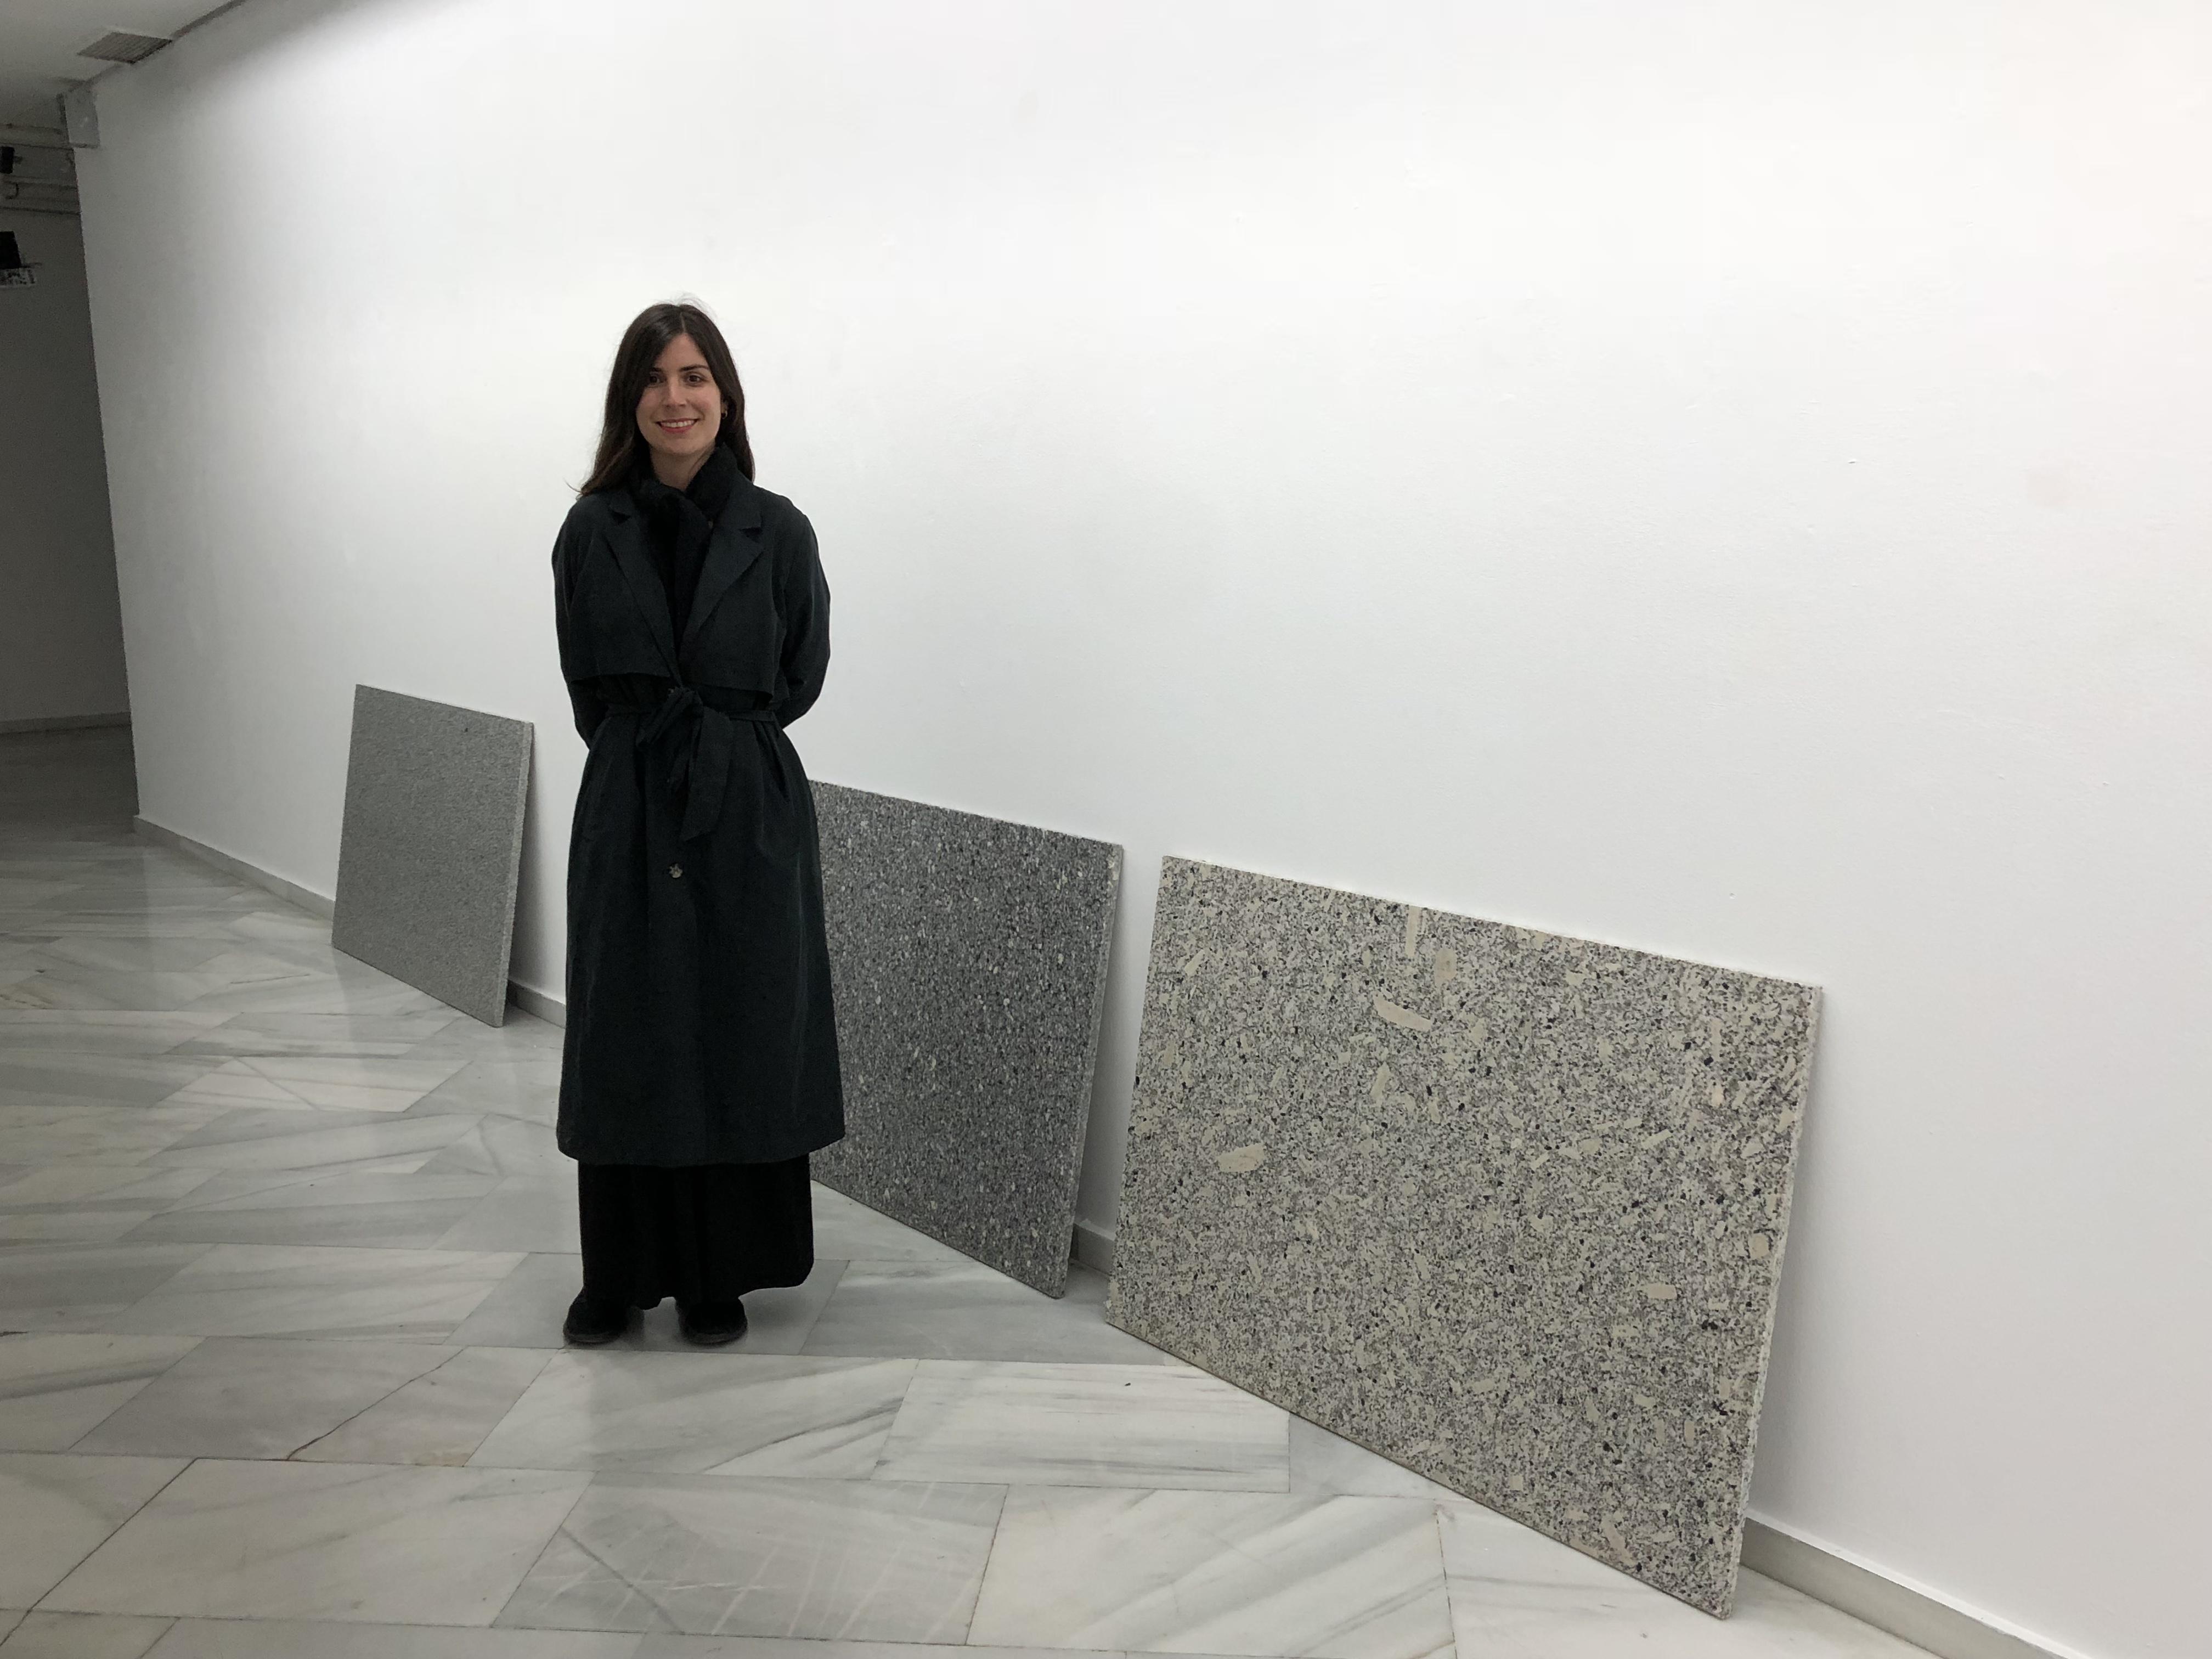 La artista Maria León convierte en arte el granito 'Gris Quintana'